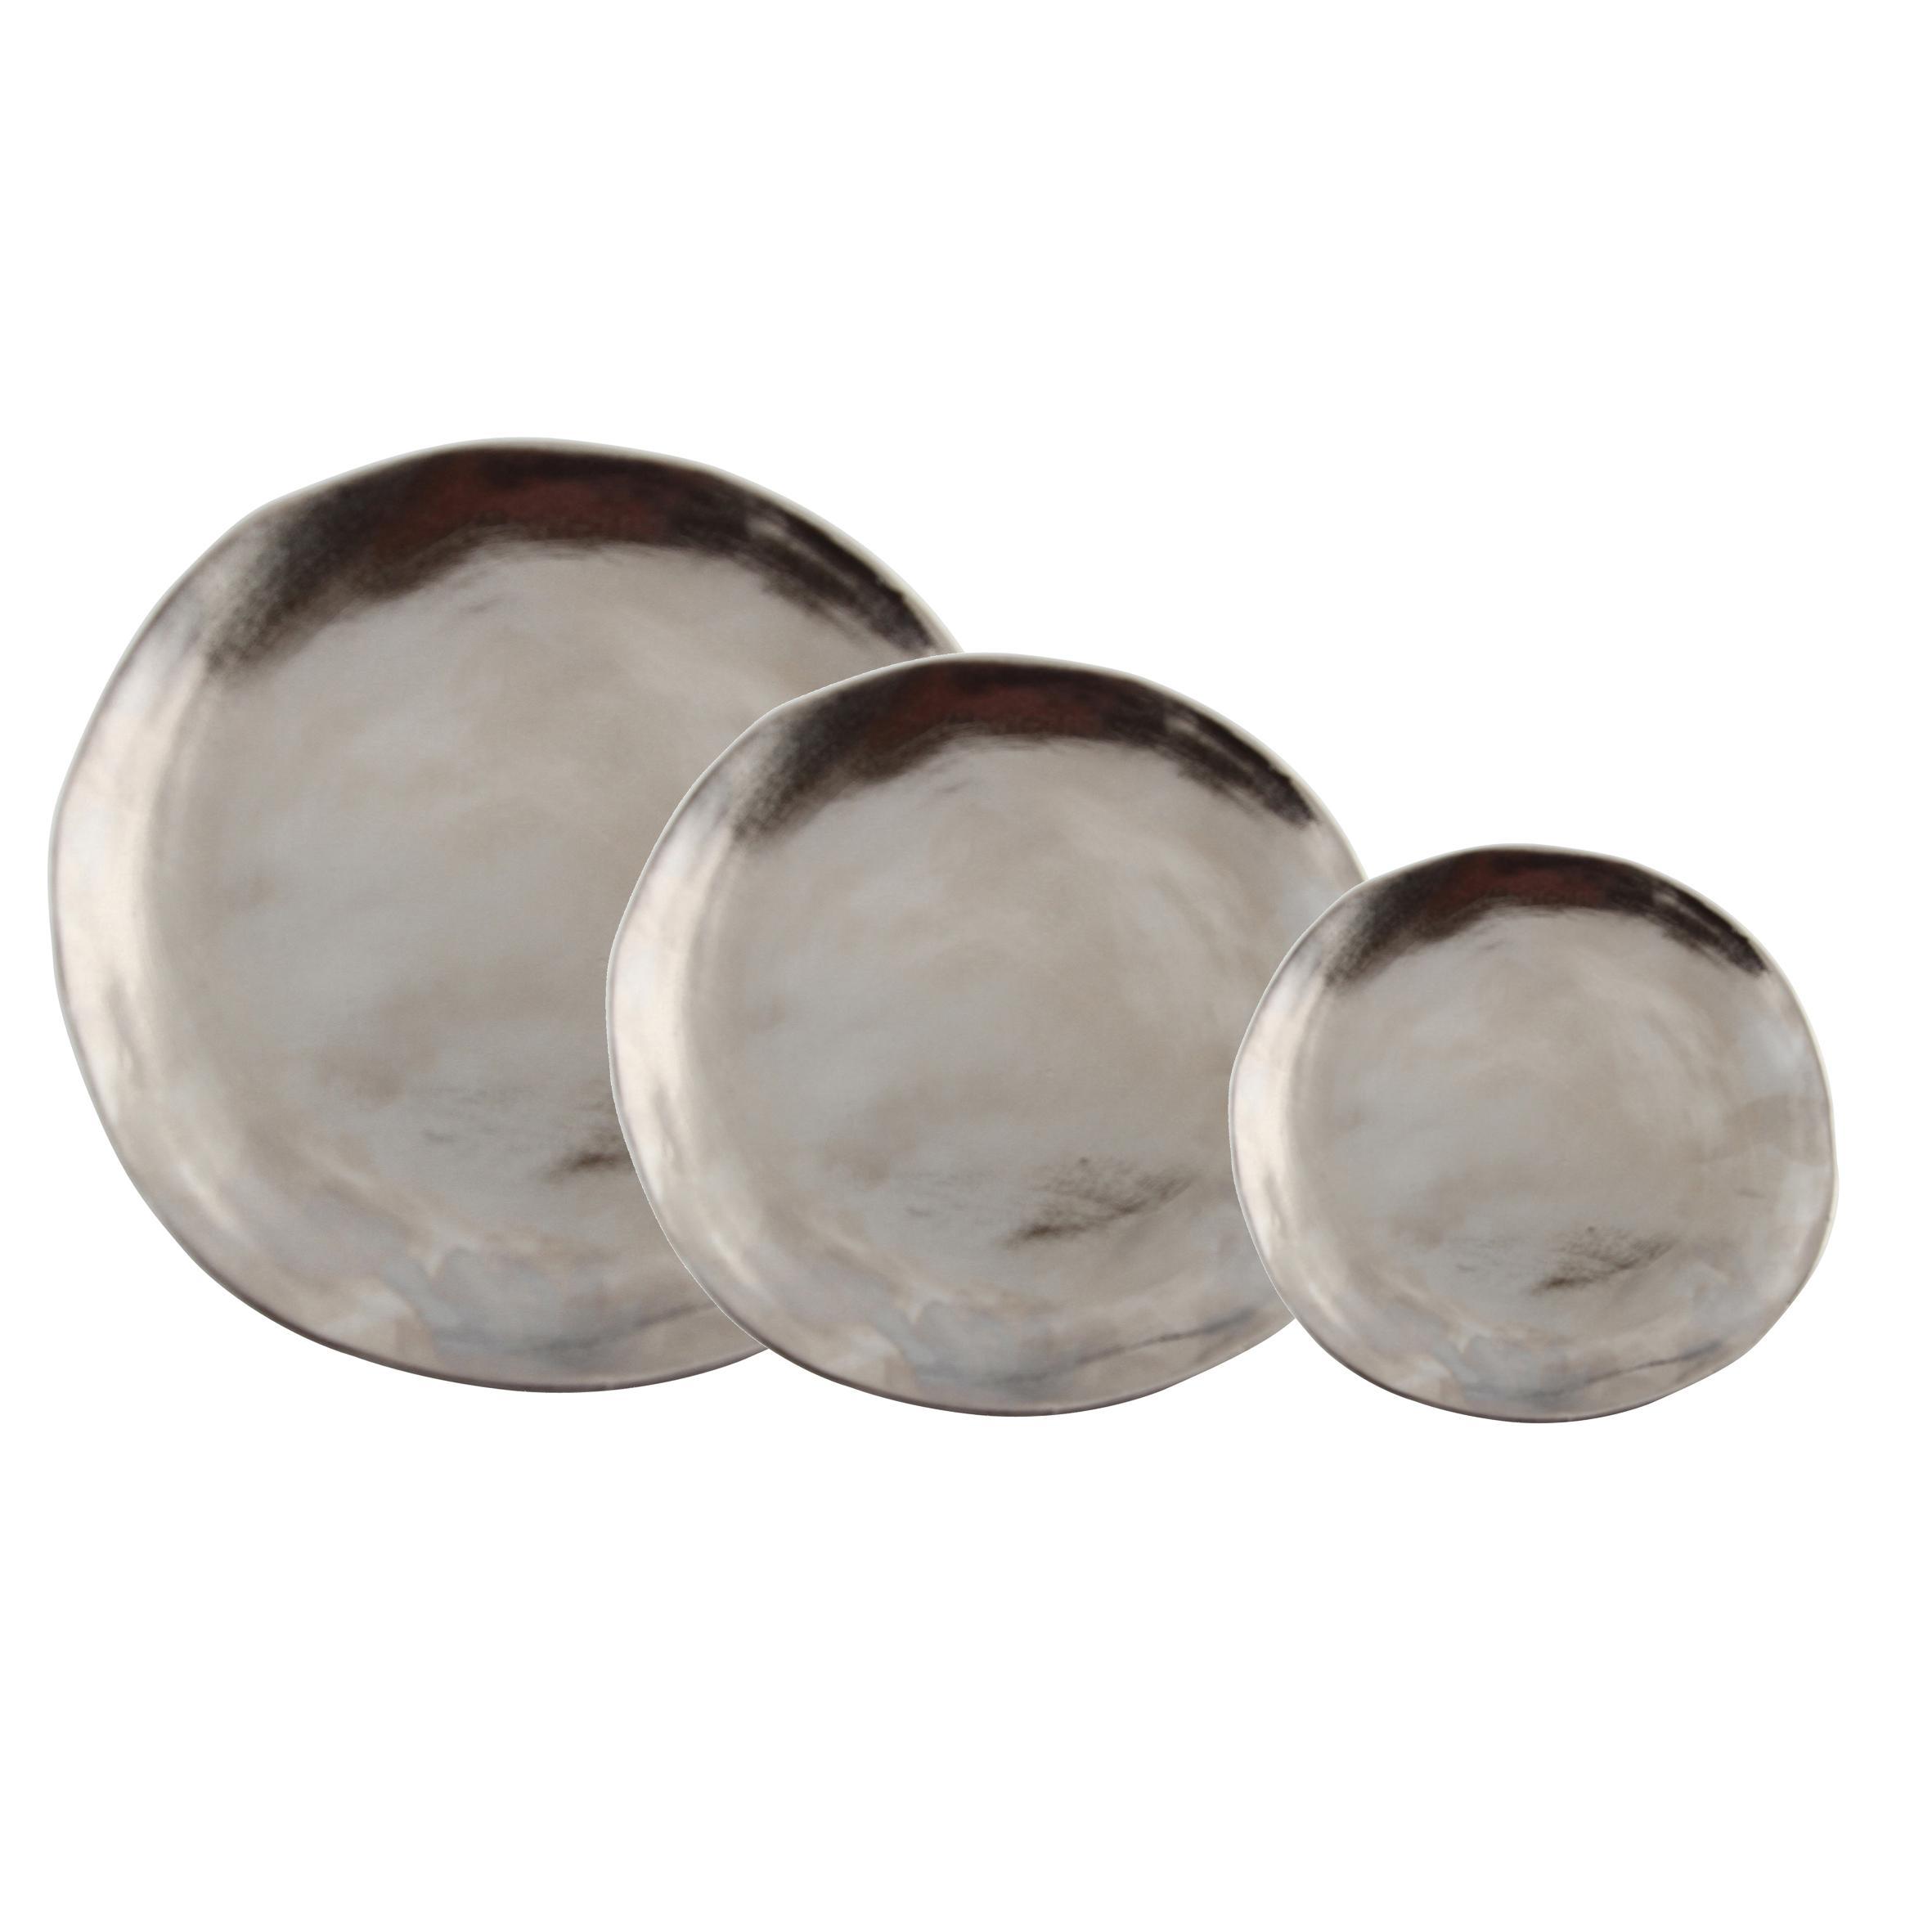 Set piatti Imperfect, 3 pz., Porcellana, rivestito, Argento, Diverse dimensioni